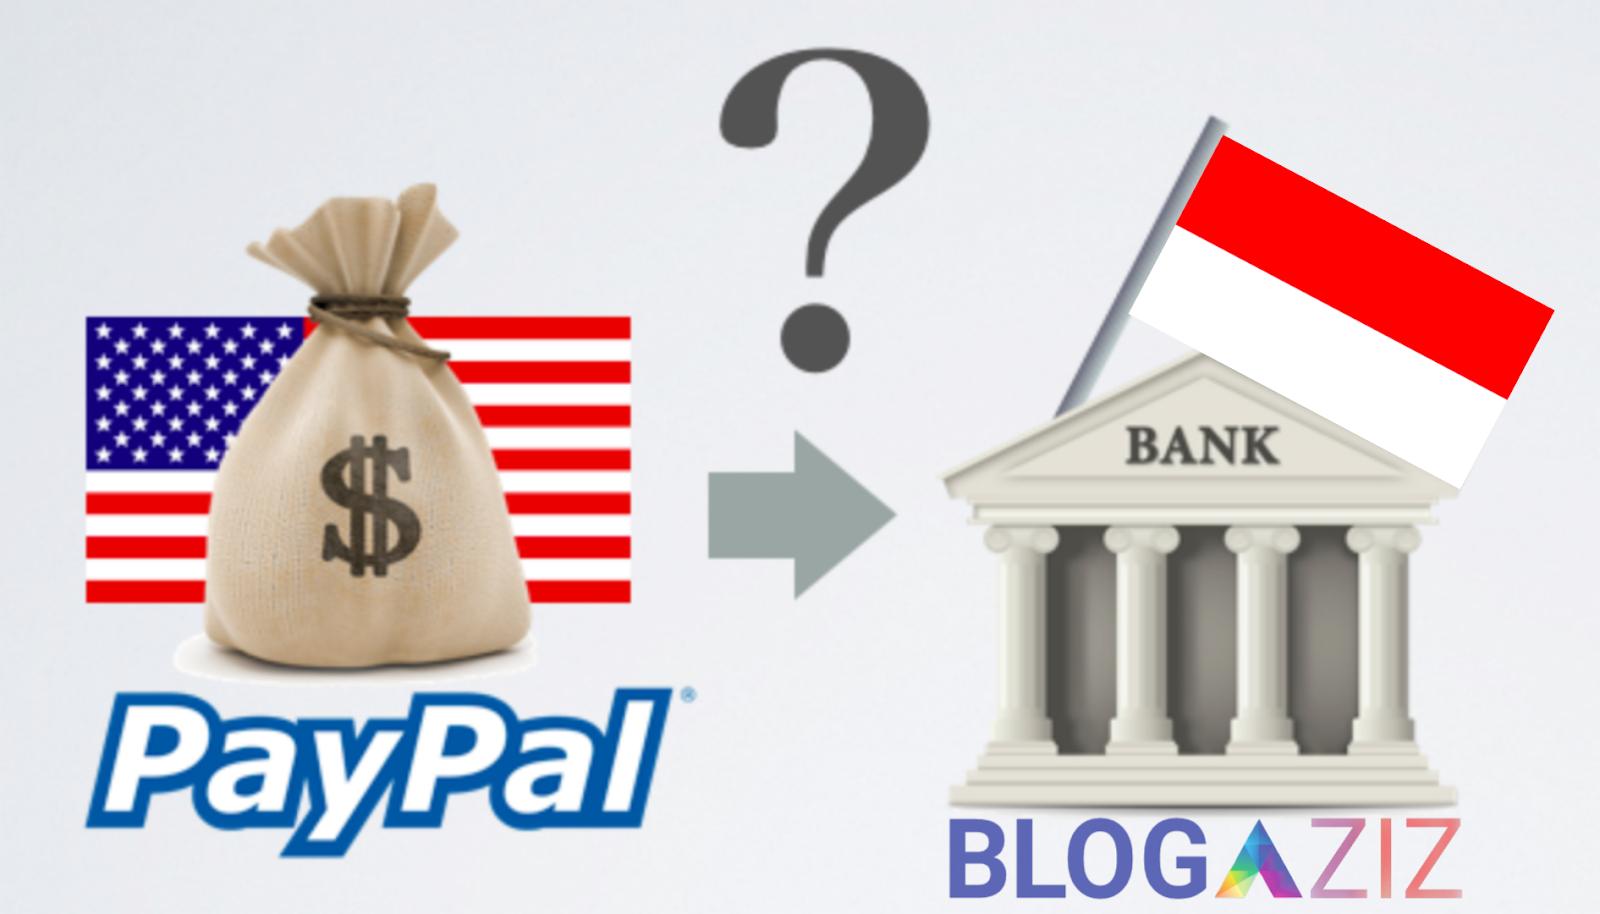 Cara Tarik Uang Paypal ke Bank BCA, BNI, MANDIRI, khususnya BRI